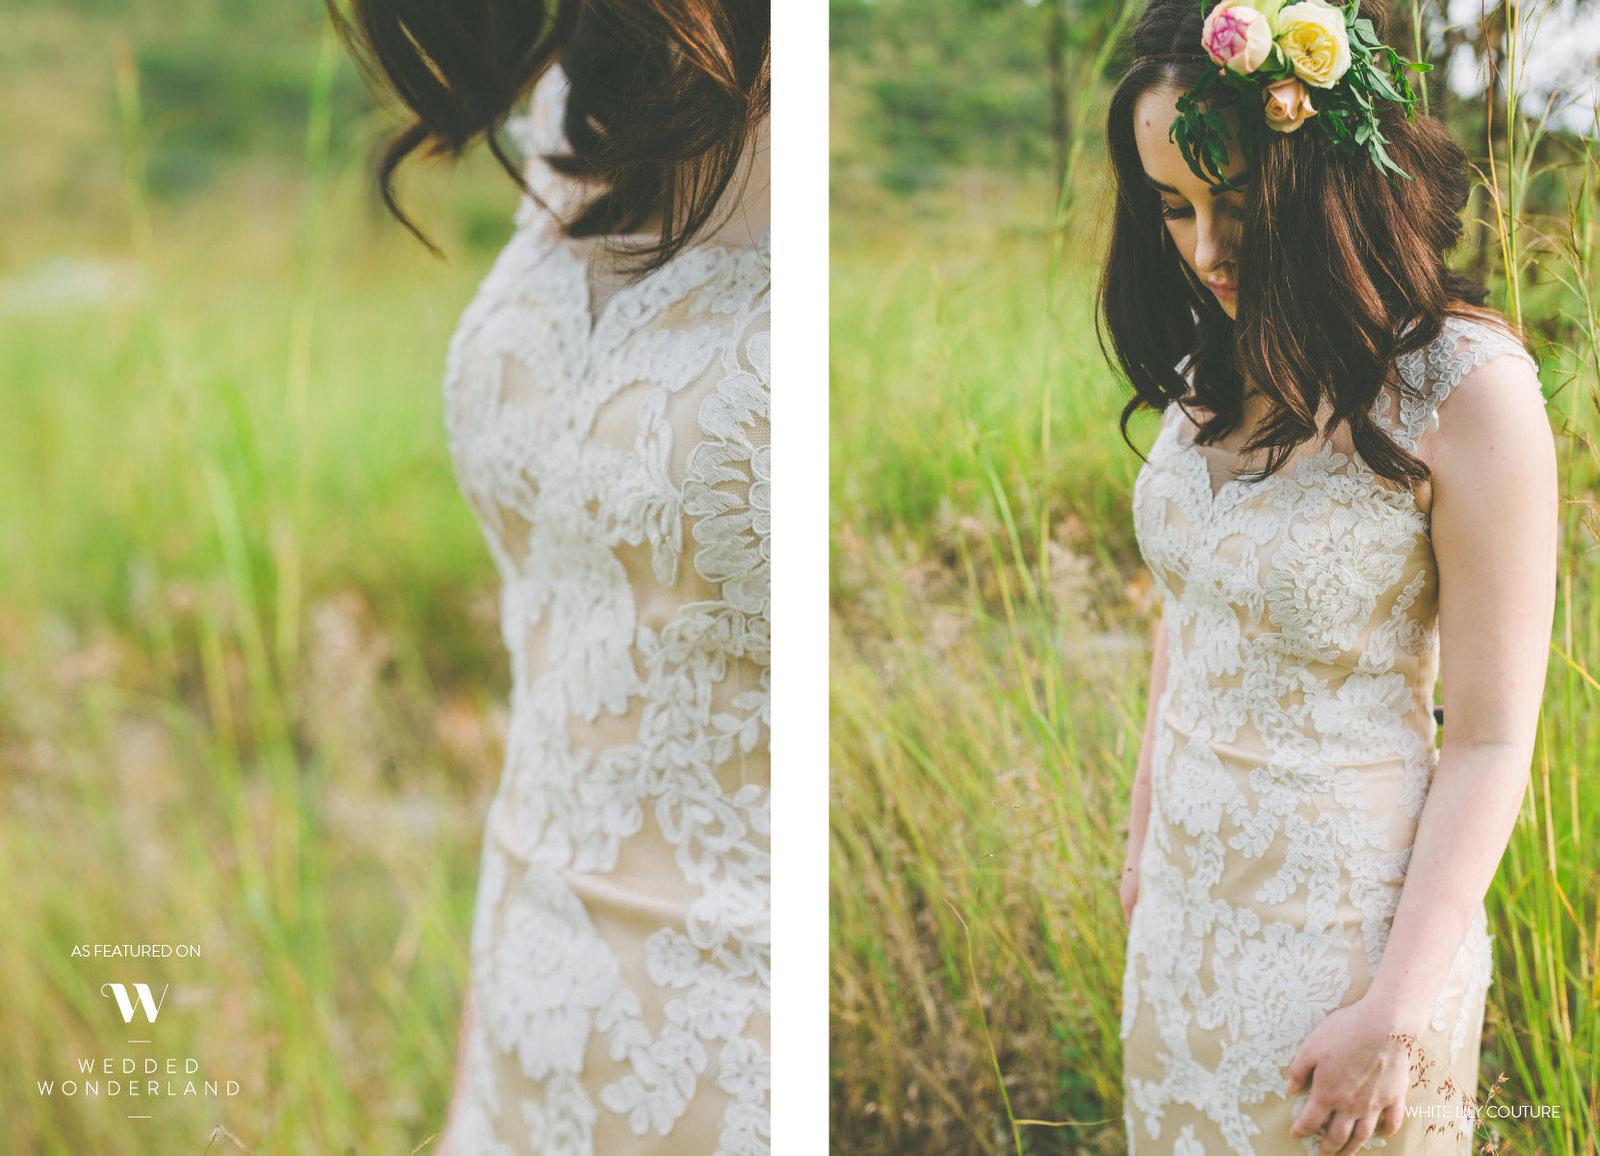 wedded wonderland feature 12